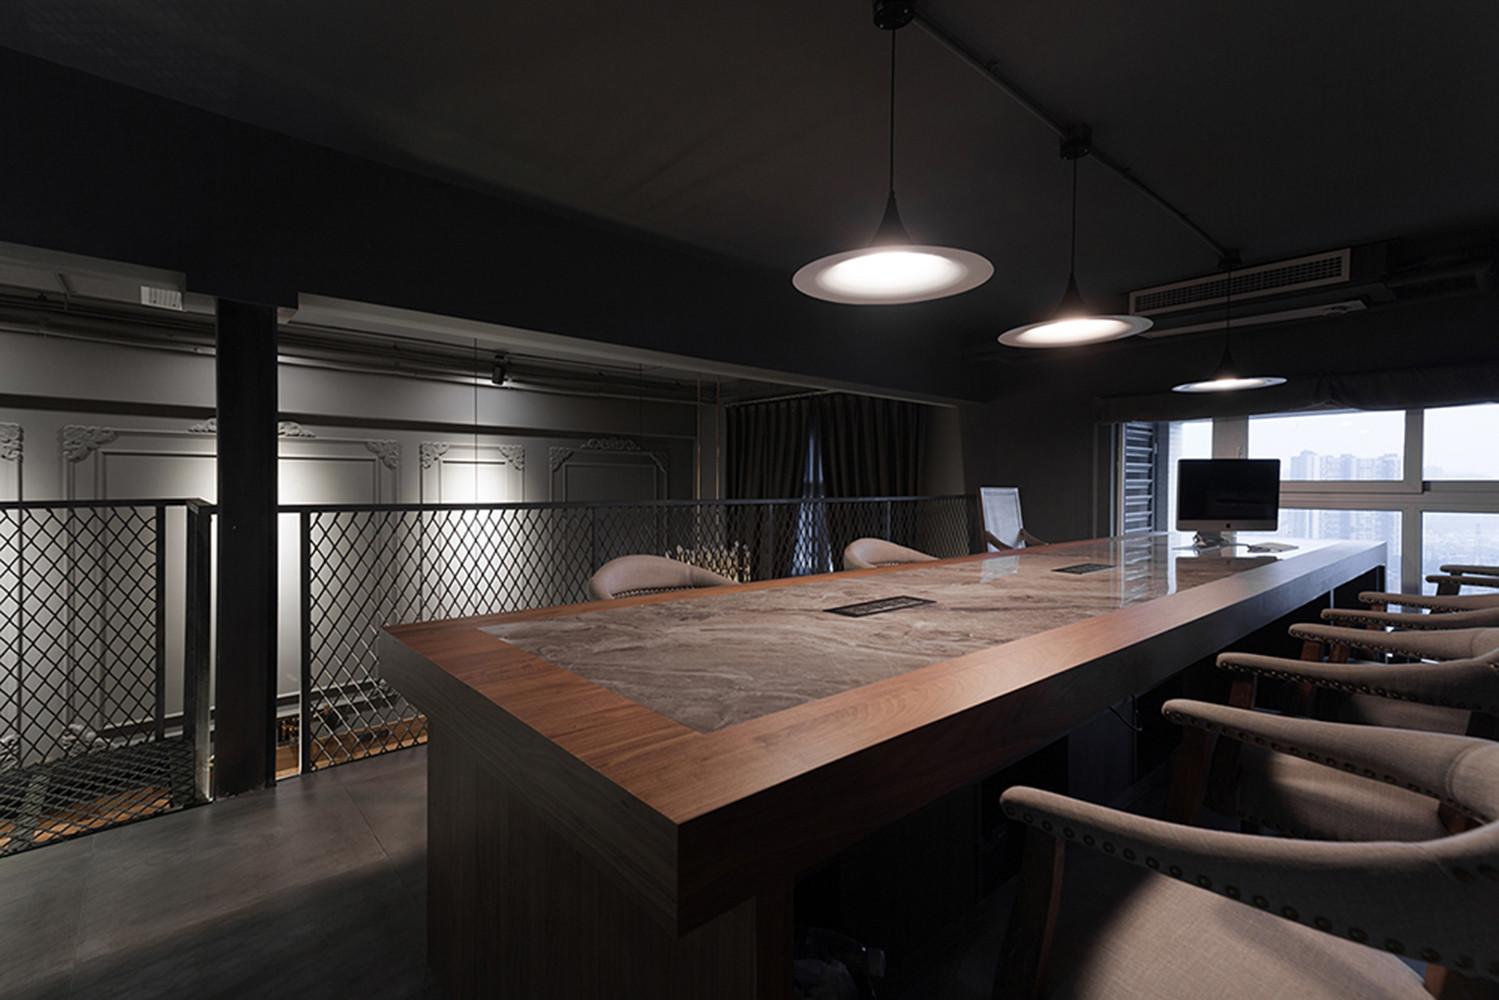 长沙装修公司浩安公装办公空间装修设计案例混搭风格办公室装修设计